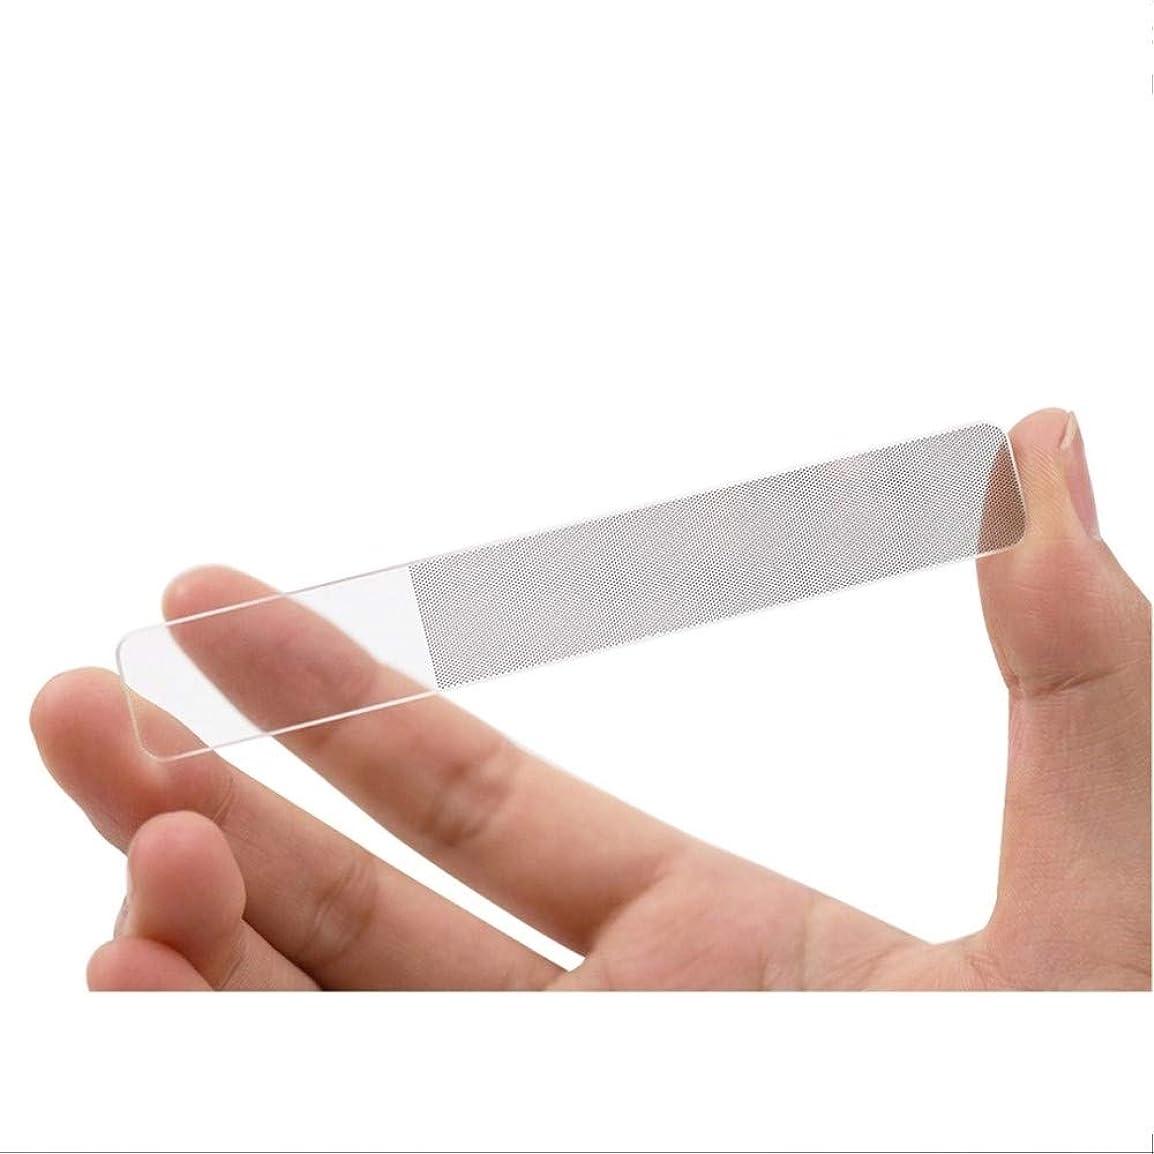 状態取り扱い直径With Grado ガラス製 爪 やすり 磨き ピカピカ ネイルケア (ぴかぴか爪やすり)